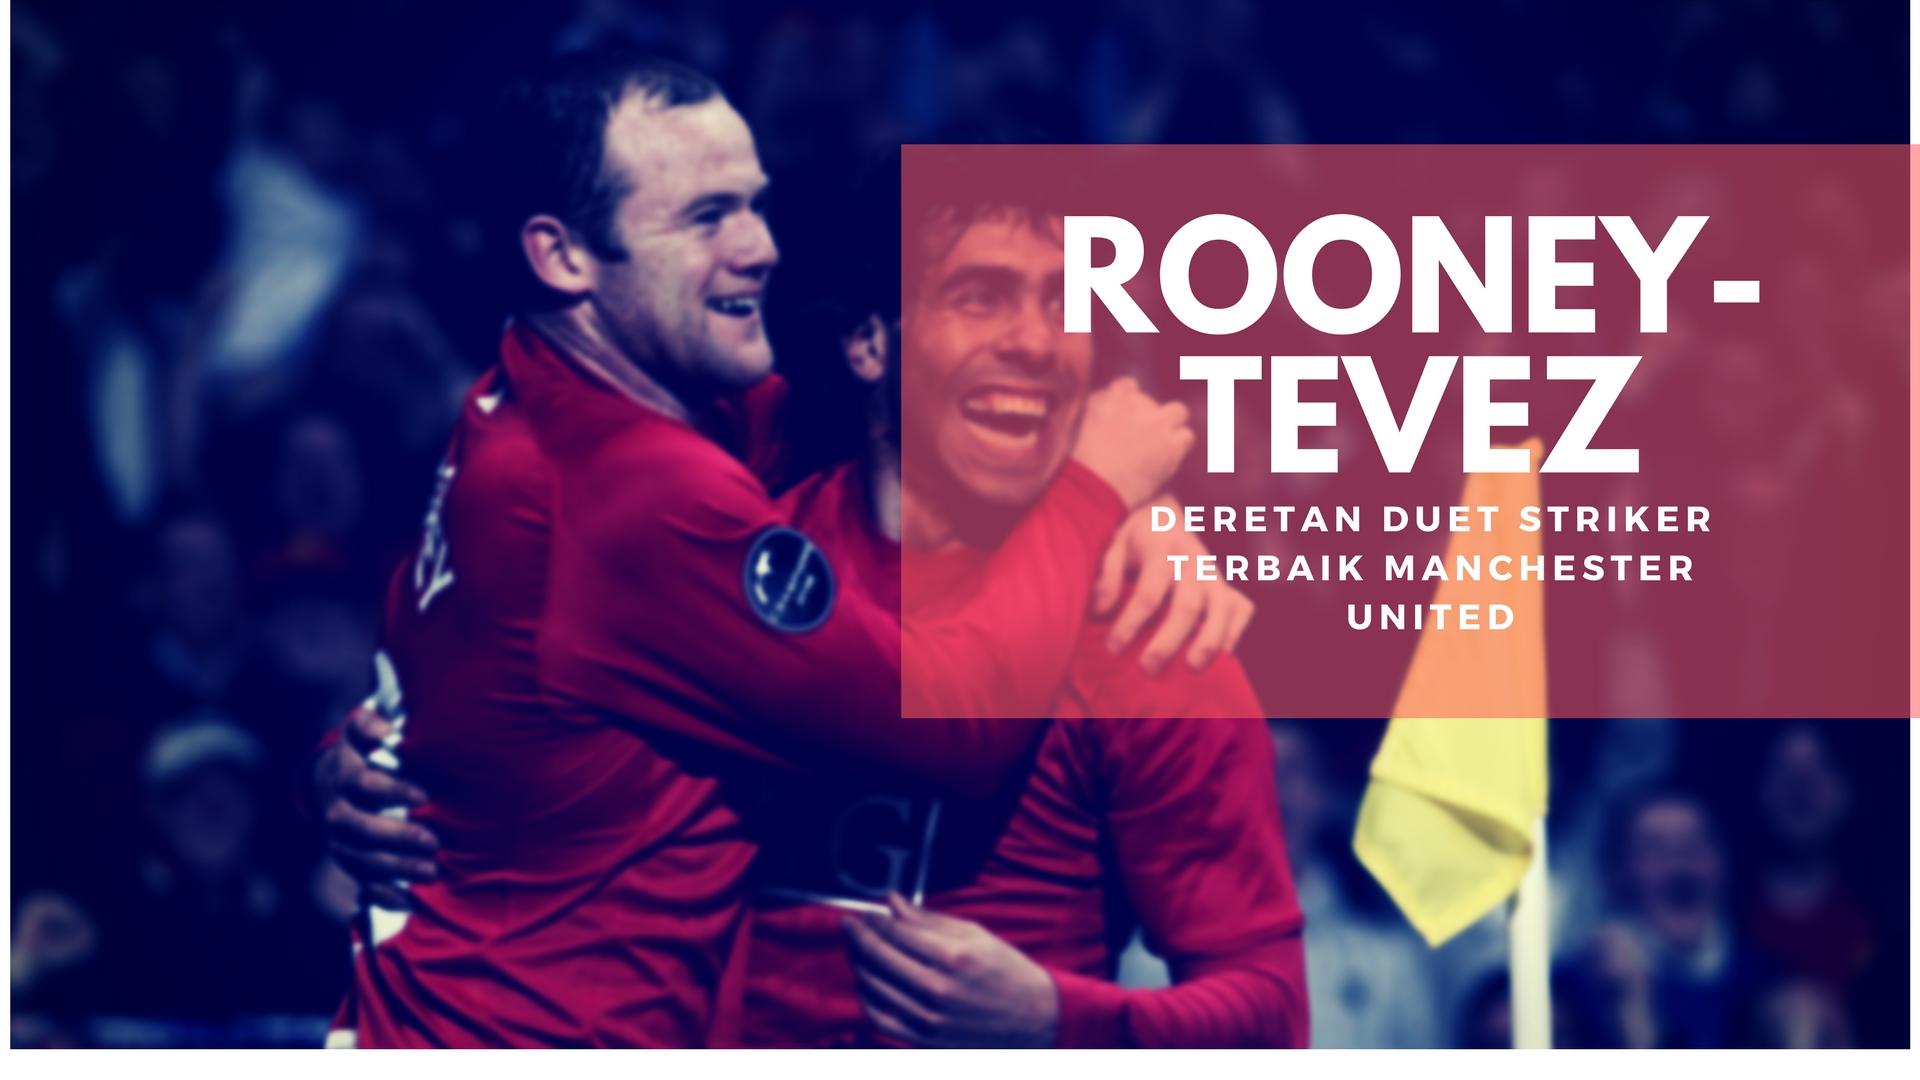 Rooney Tevez Dan Deretan Duet Striker Terbaik Manchester